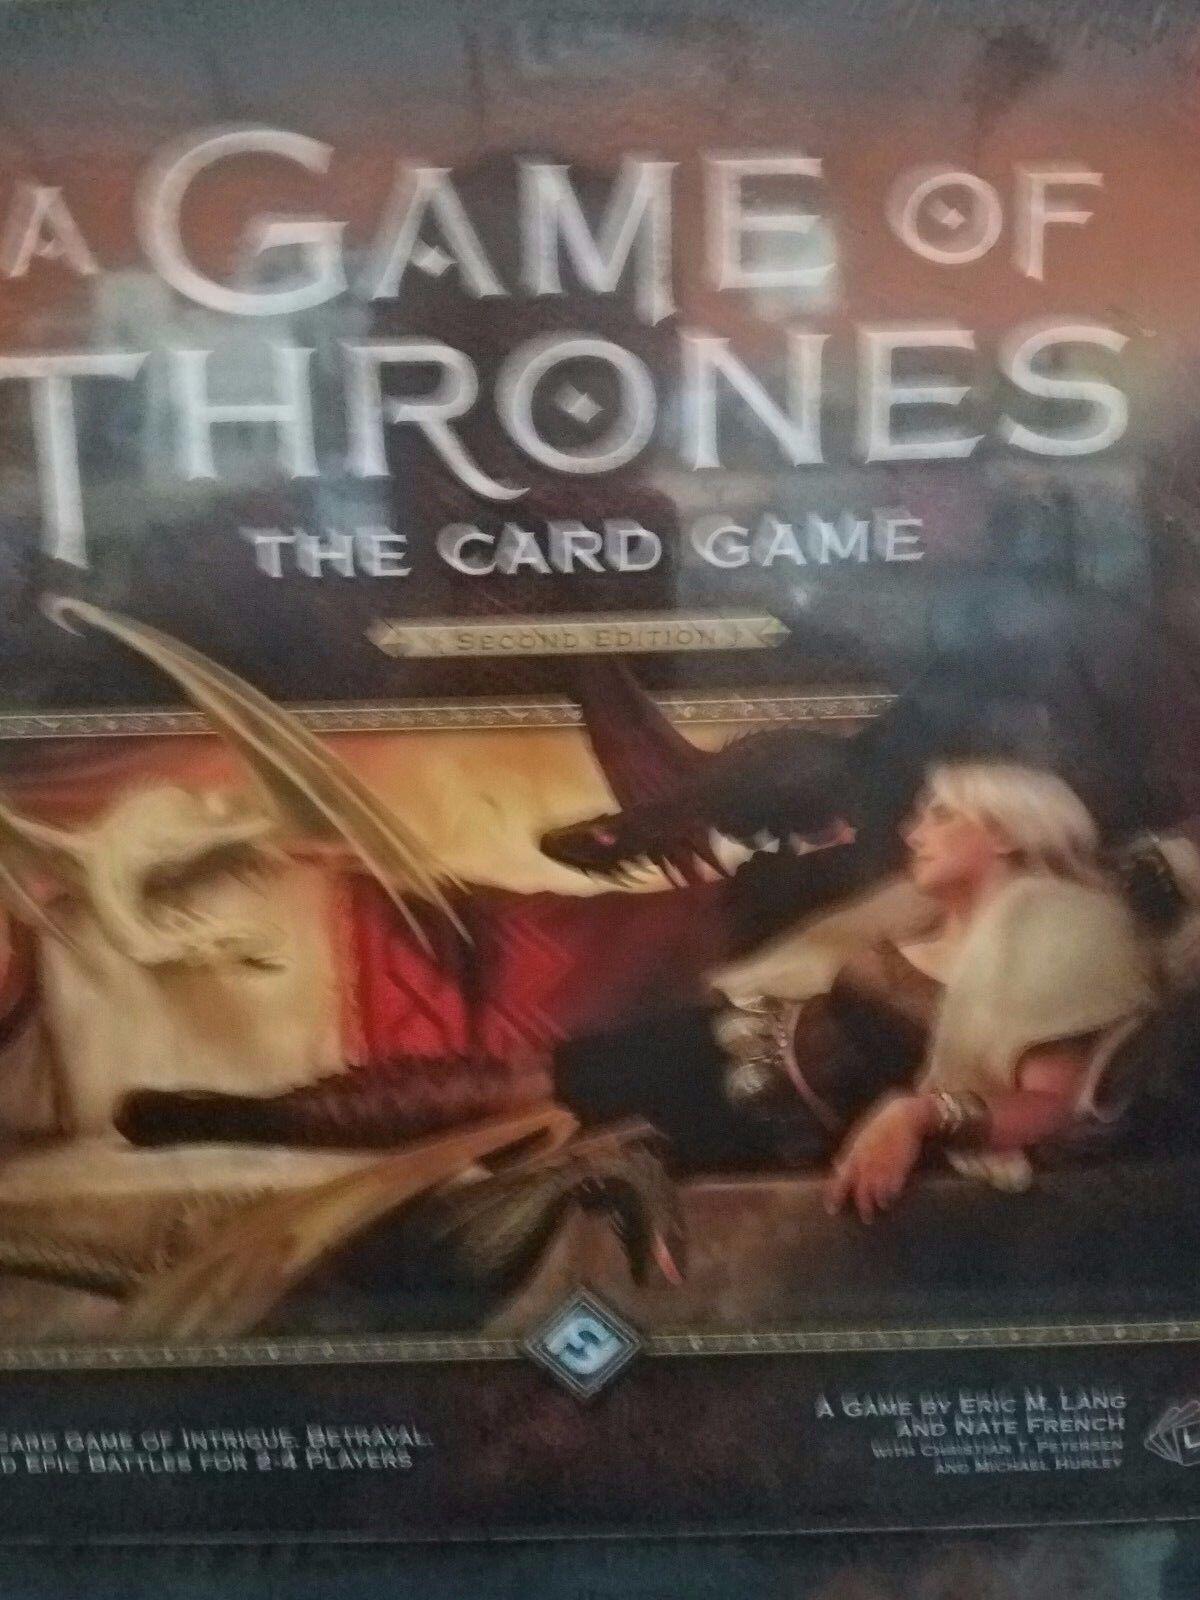 Ein game of thrones lebenden kartenspiel lcg 2nd edition kern basisbeschreibung brettspiel neu